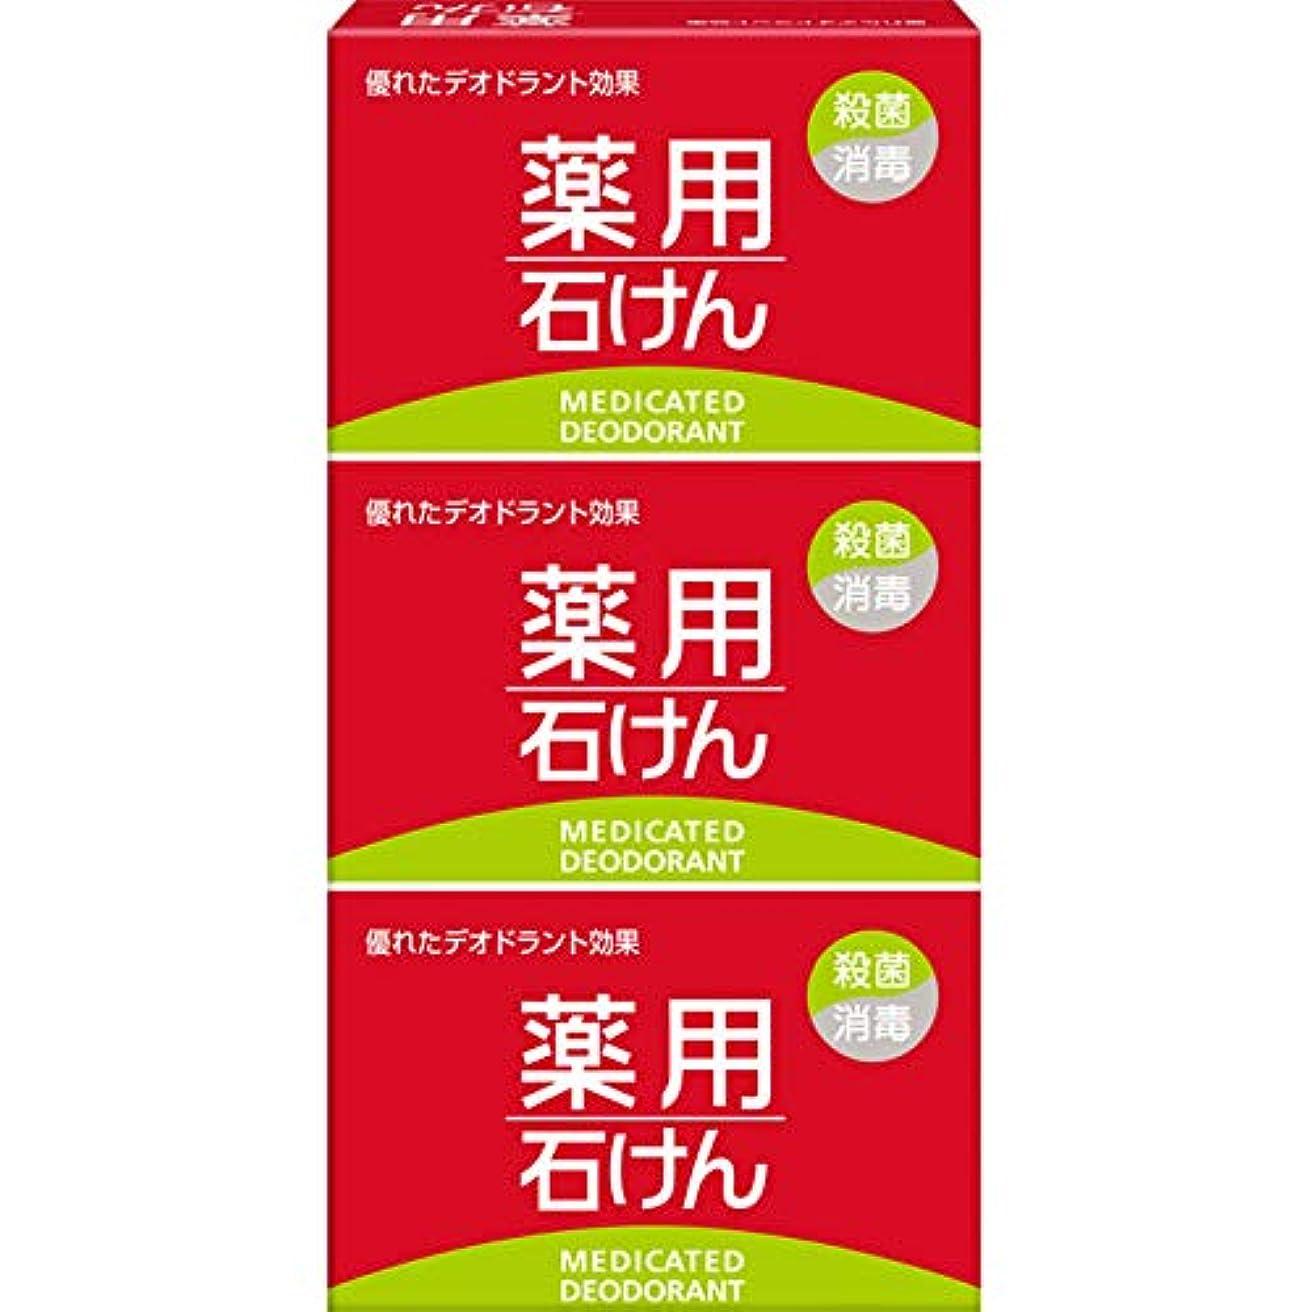 ハイランドレザー荷物薬用石けん 100g×3個 (医薬部外品)